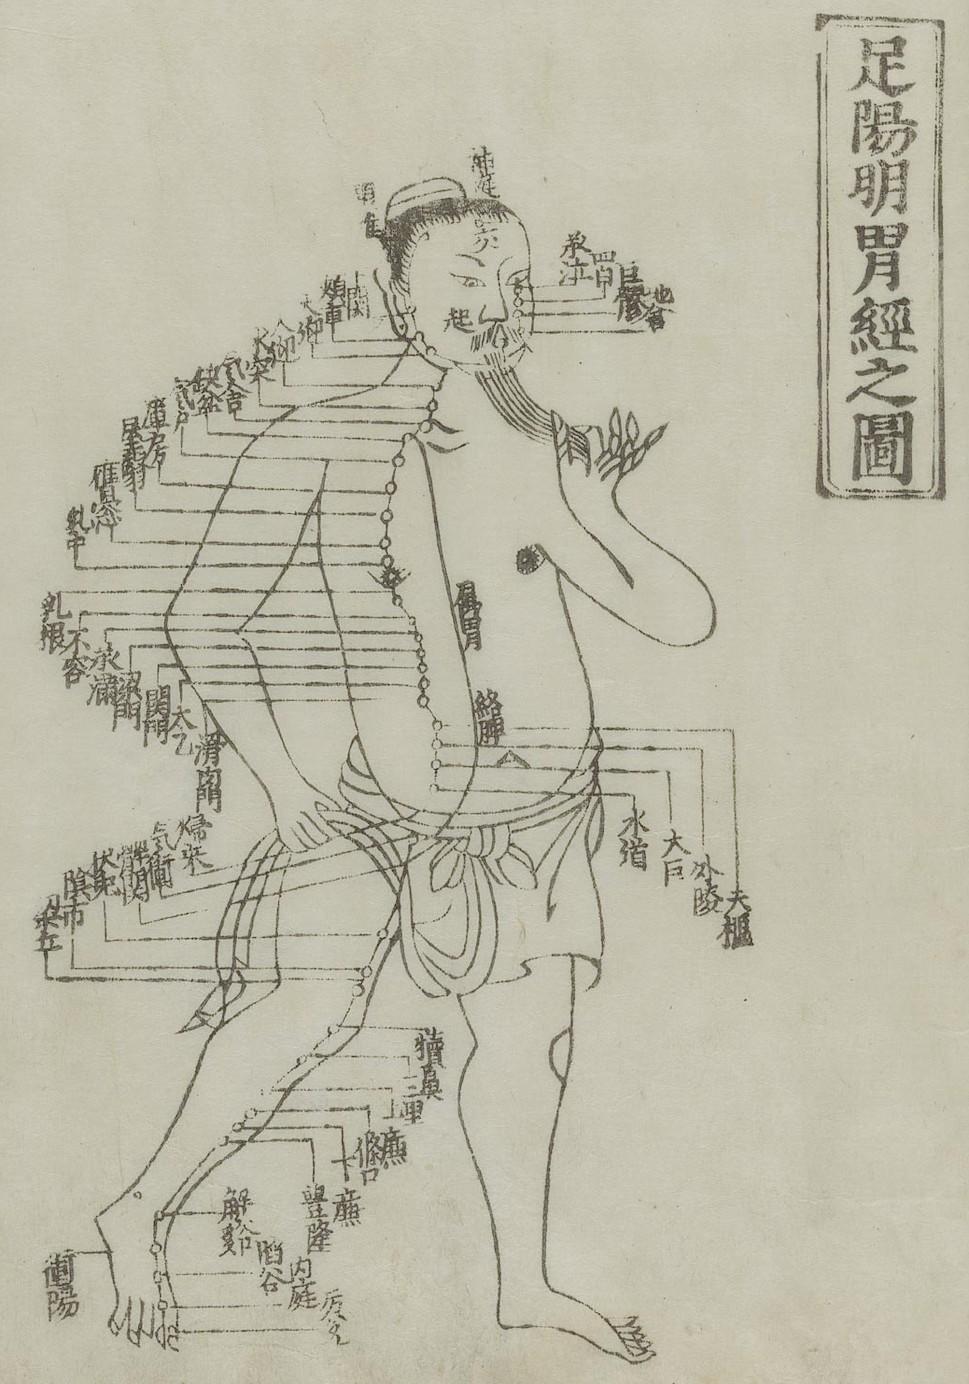 Gravure sur bois montrant le méridien de l'estomac d'un homme debout, de face, portant un pagne avec le méridien dessiné sur la poitrine et la jambe avec des caractères chinois donnant les noms des points, de Jushikei hakki de Hua Shou, 1716